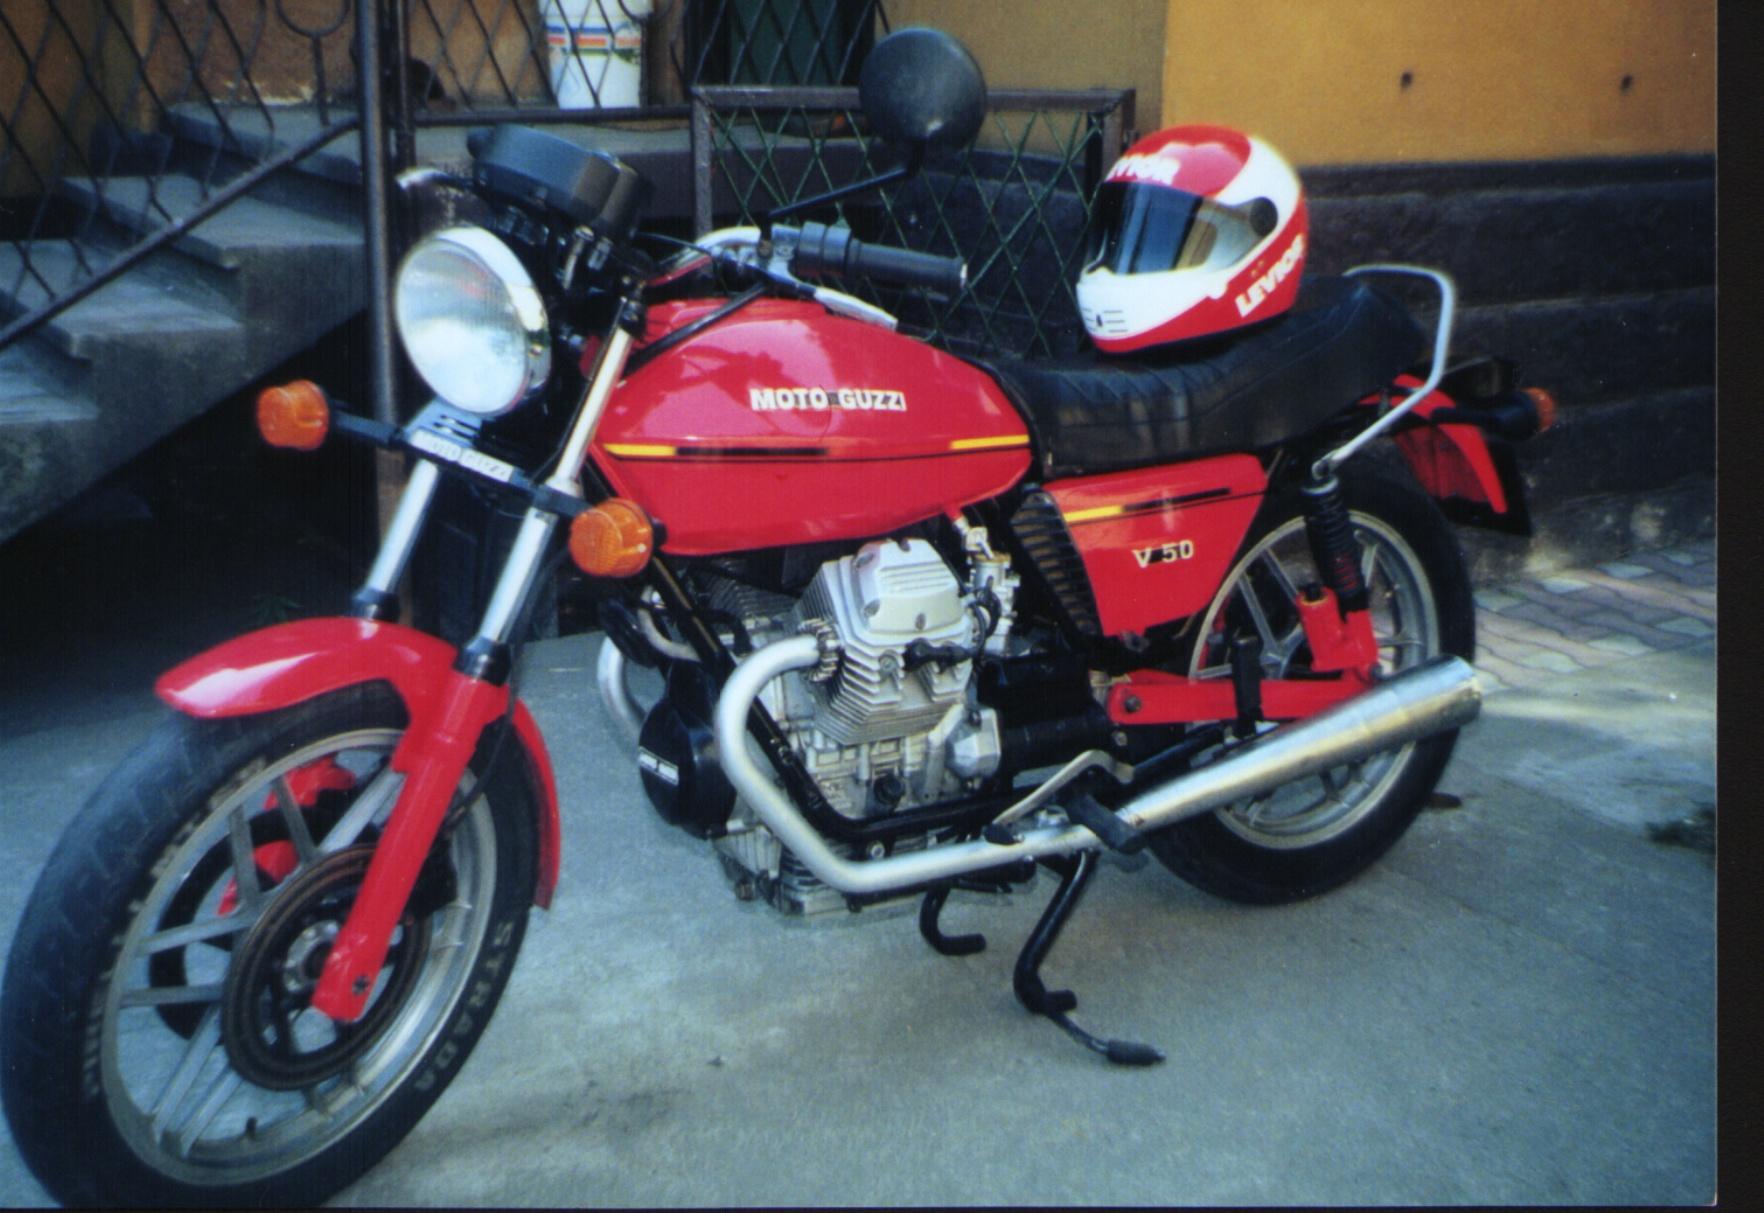 Moto Guzzi V50 - 04.JPG